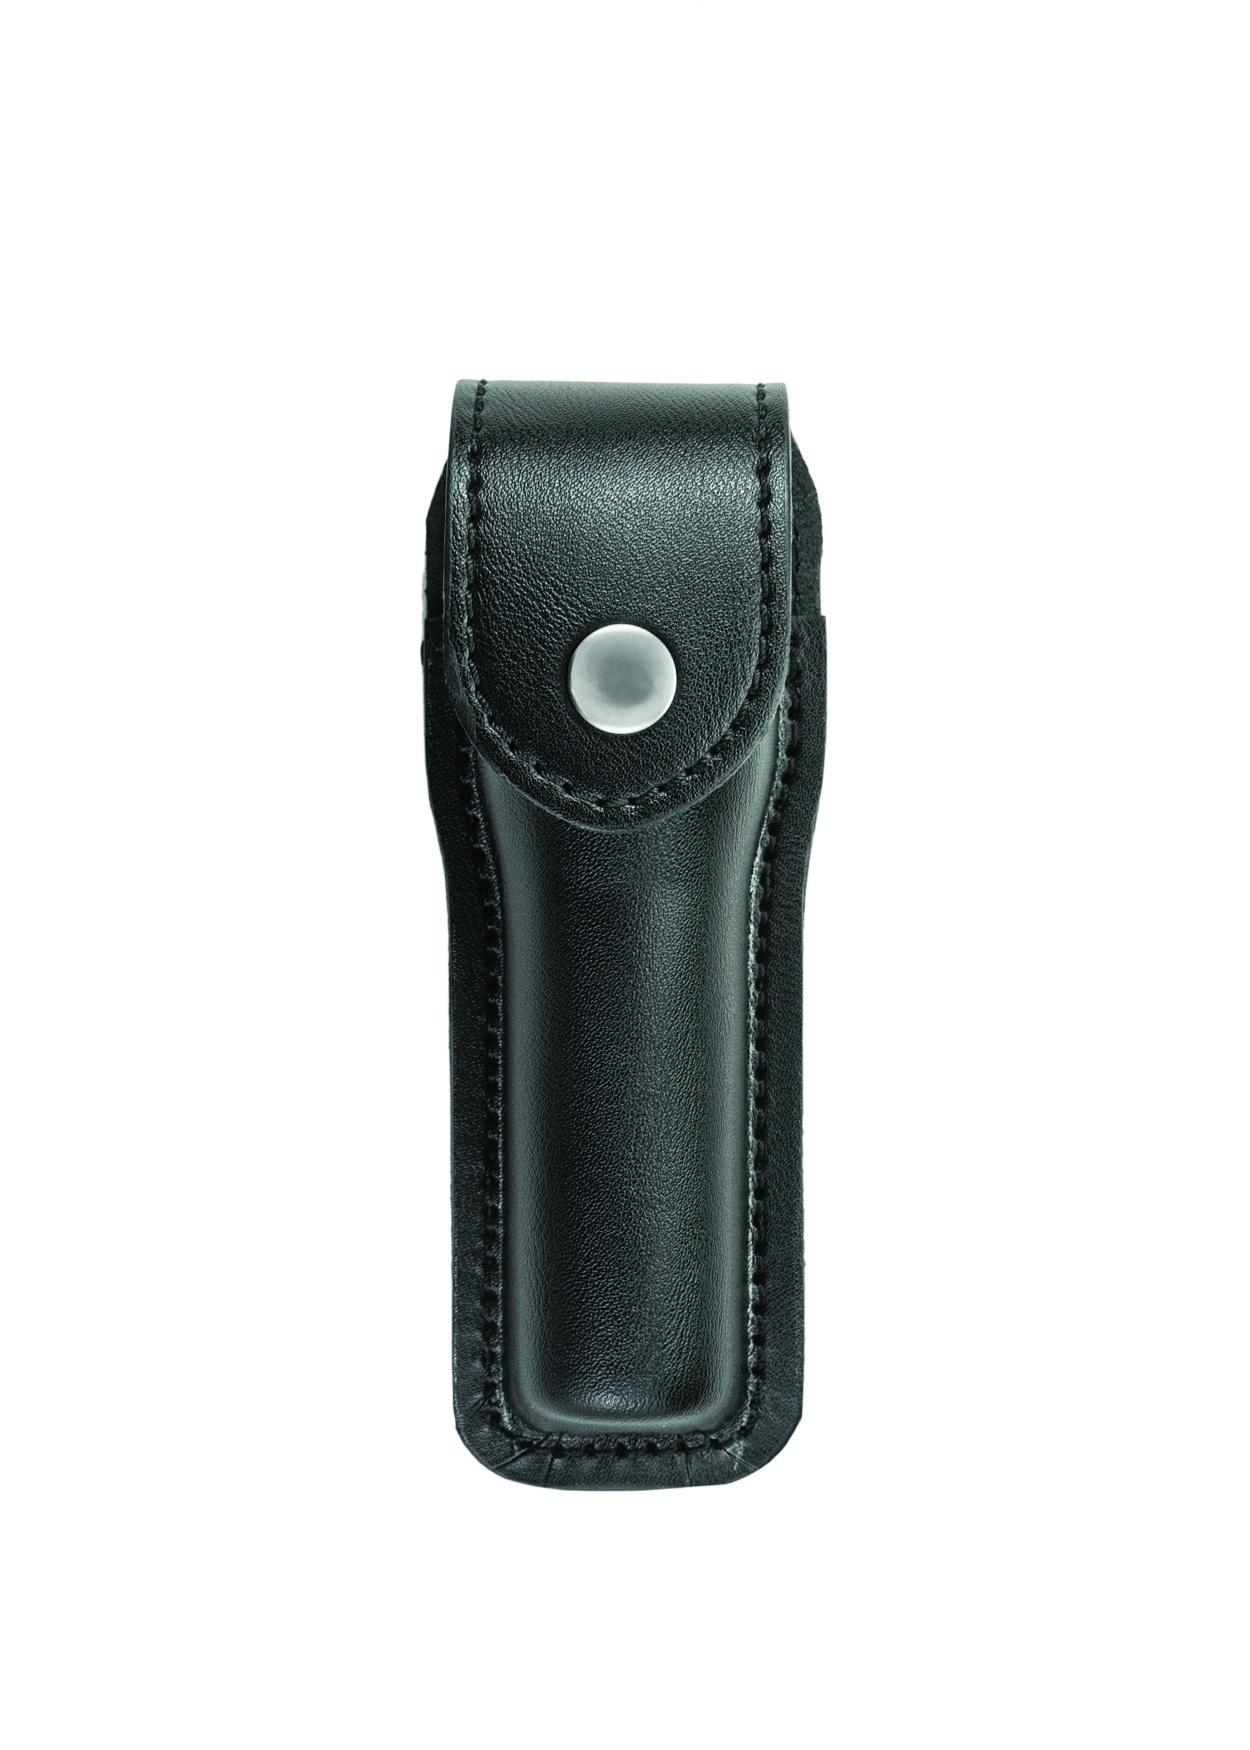 Flashlight Case, Small, AirTek, Smooth, Nickel Snap-